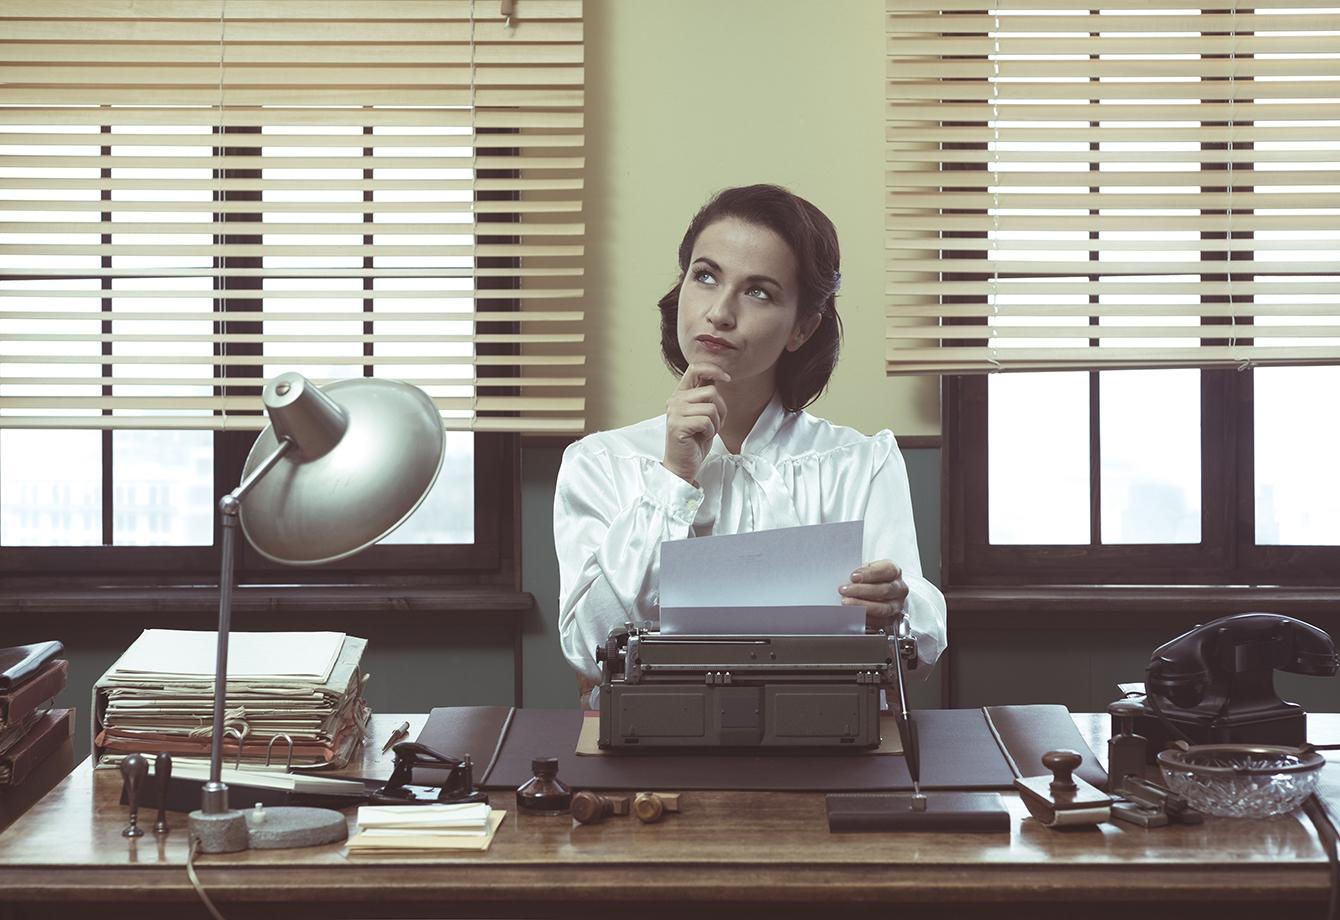 Guter Stil, klare Sprache – Schreibtipps für bessere Texte